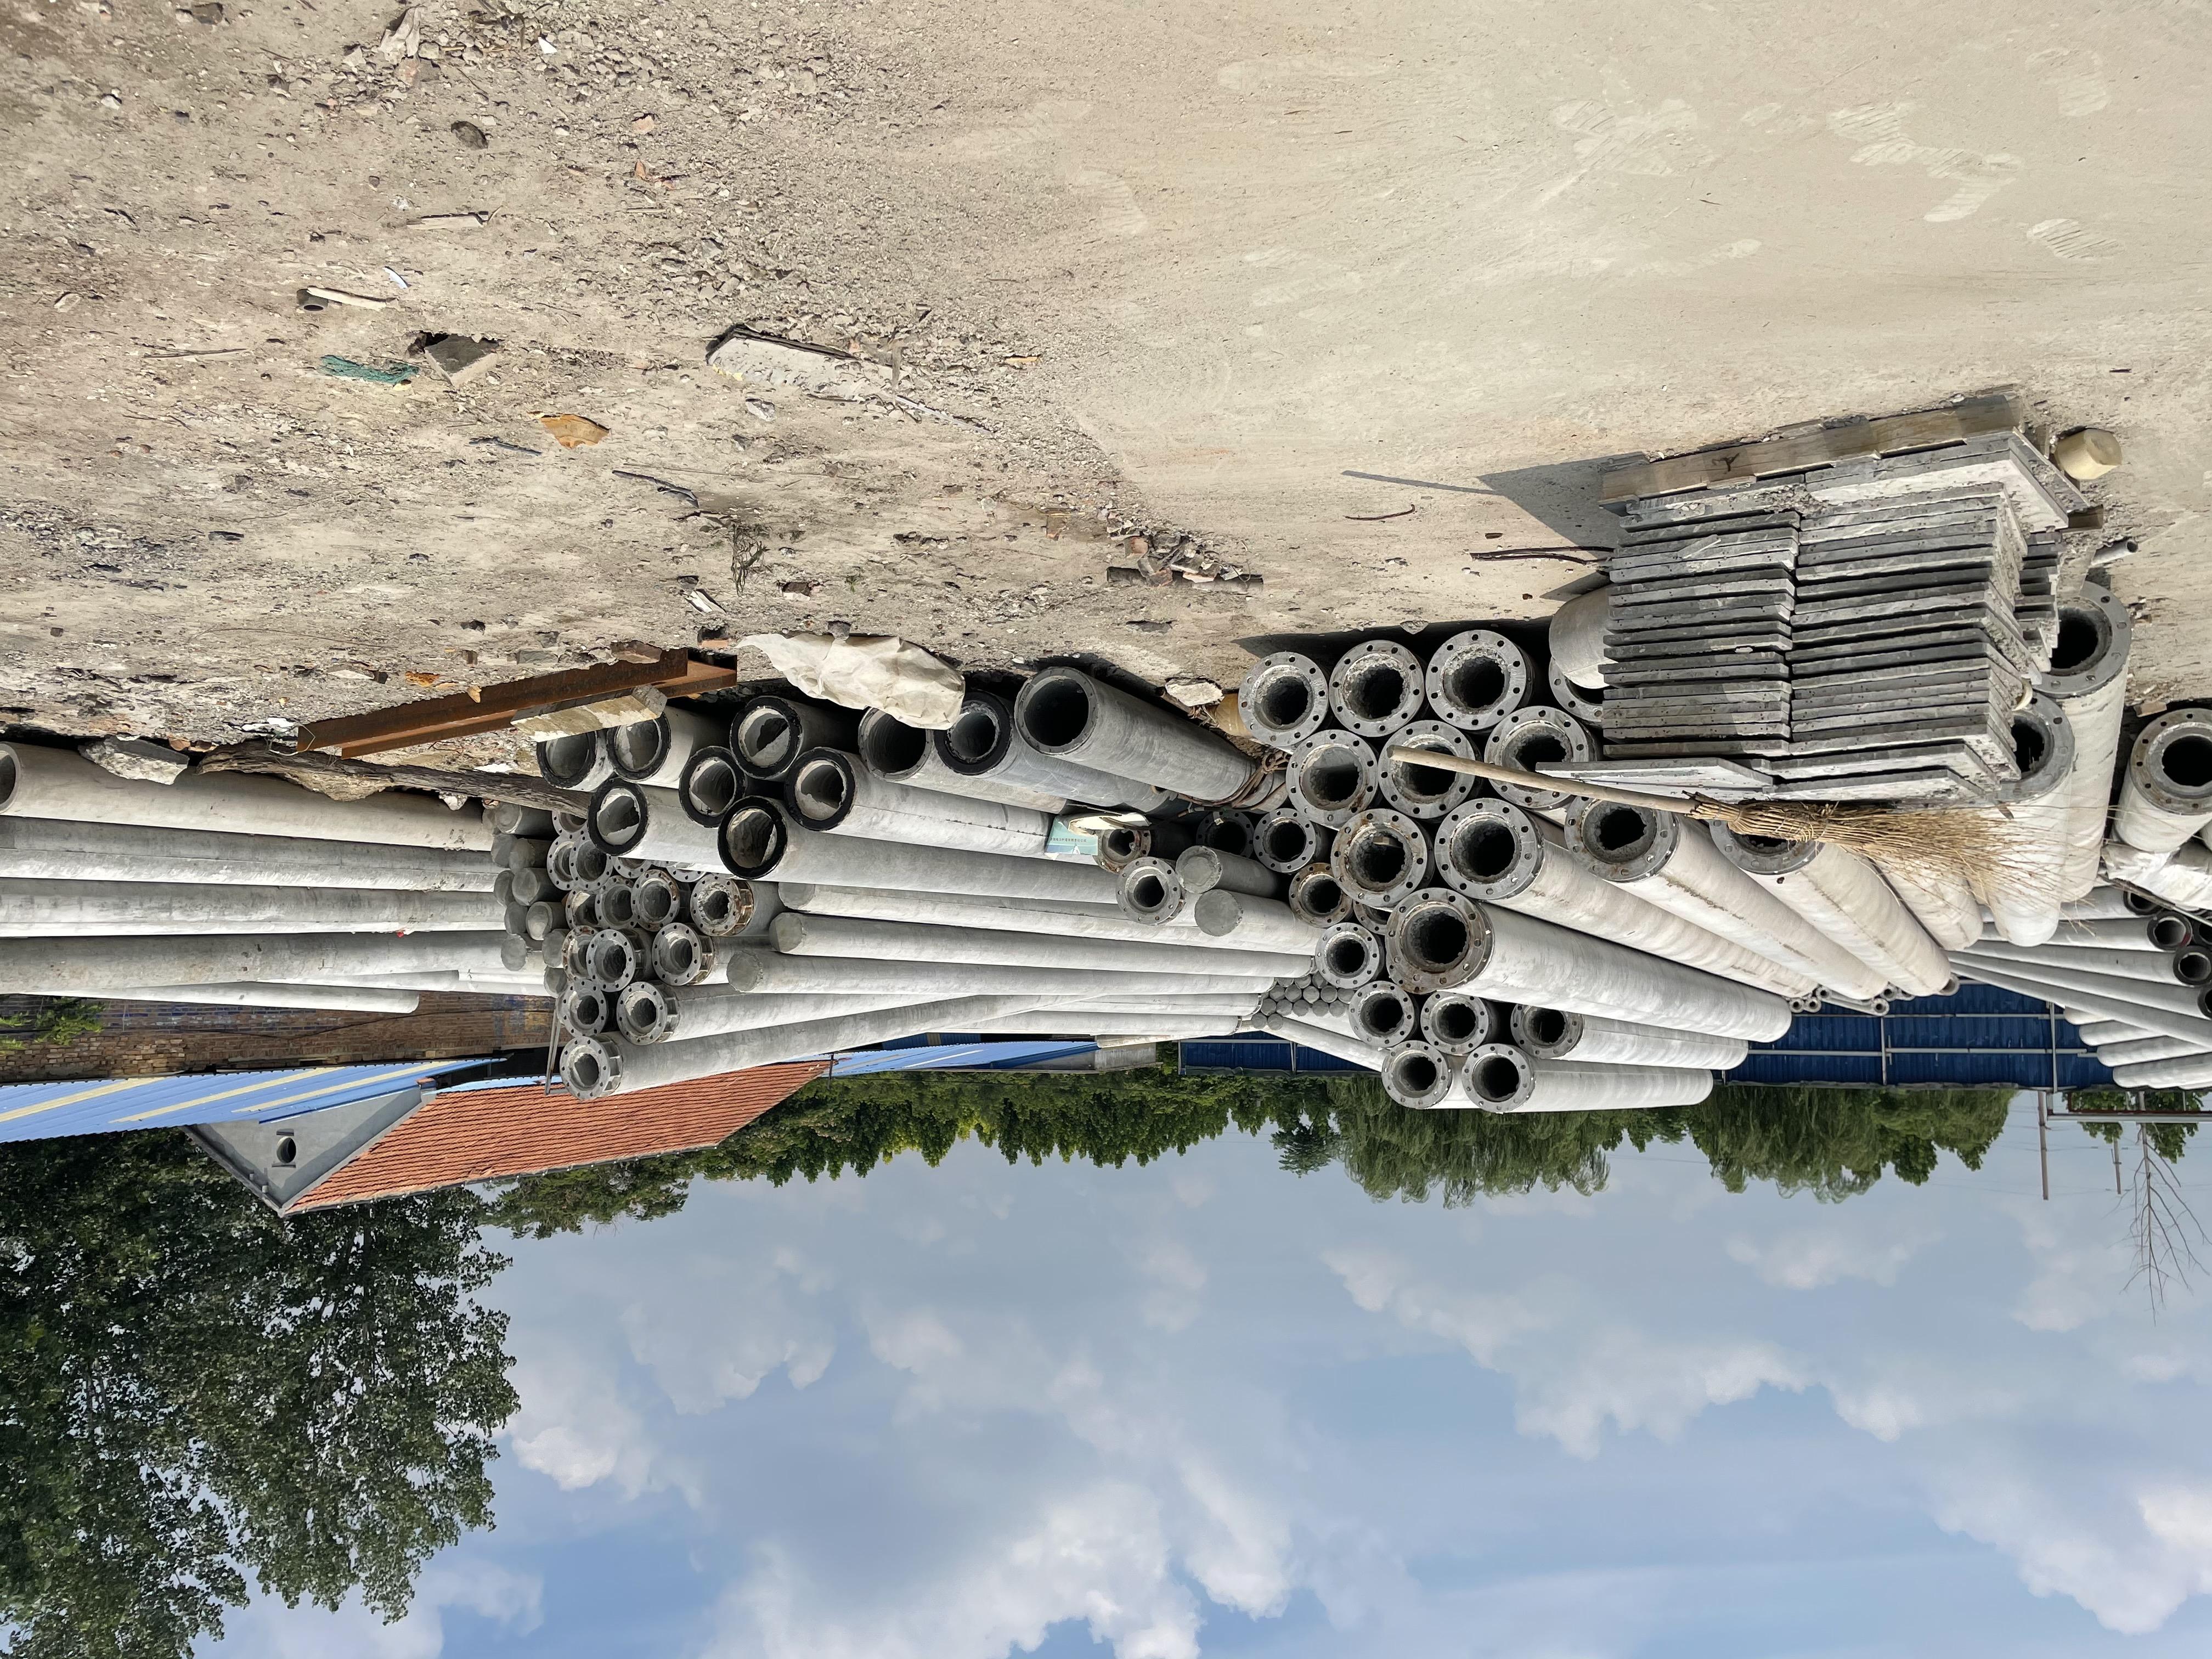 12米水泥电线杆外观检查要求